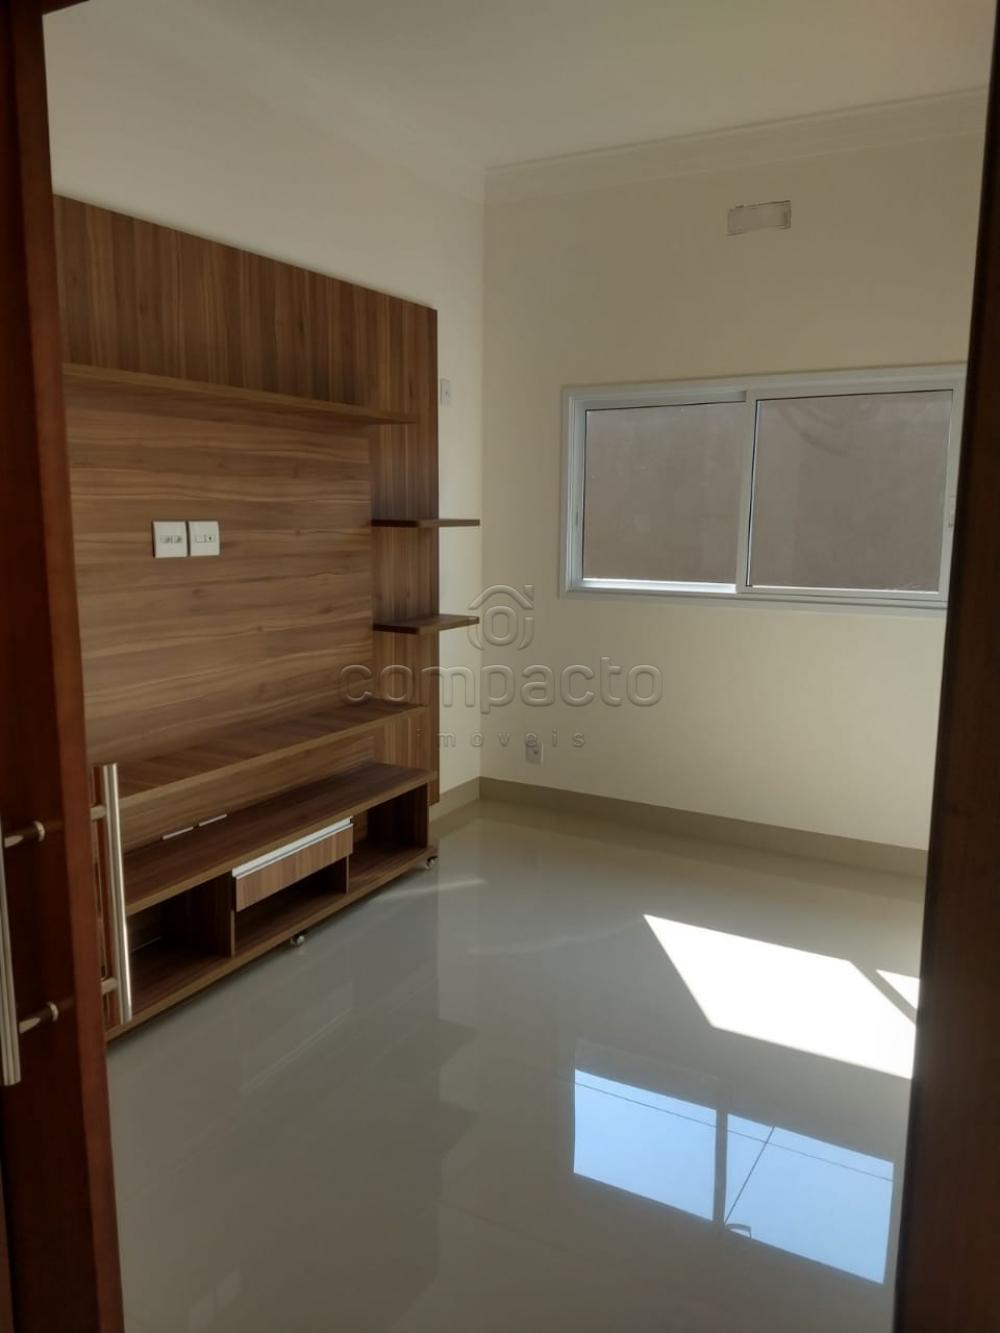 Comprar Casa / Condomínio em Mirassol apenas R$ 800.000,00 - Foto 7